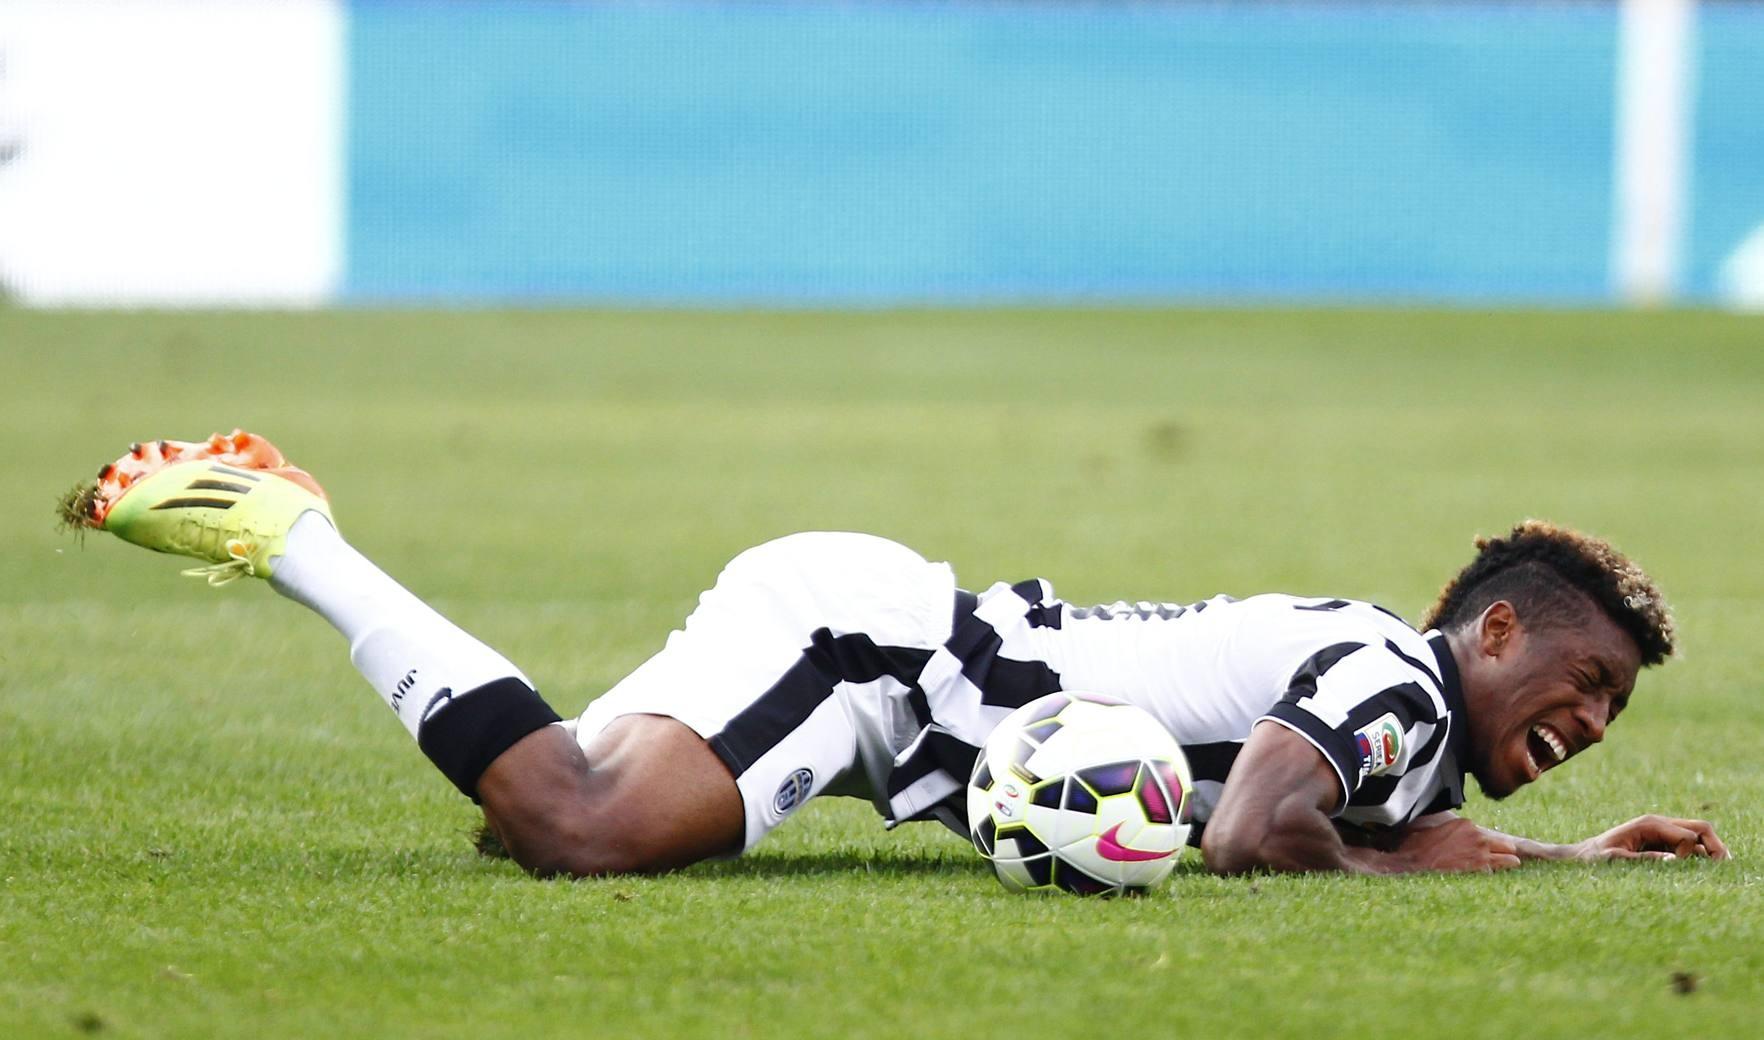 Serie A, Juventus: tutti pazzi per Coman